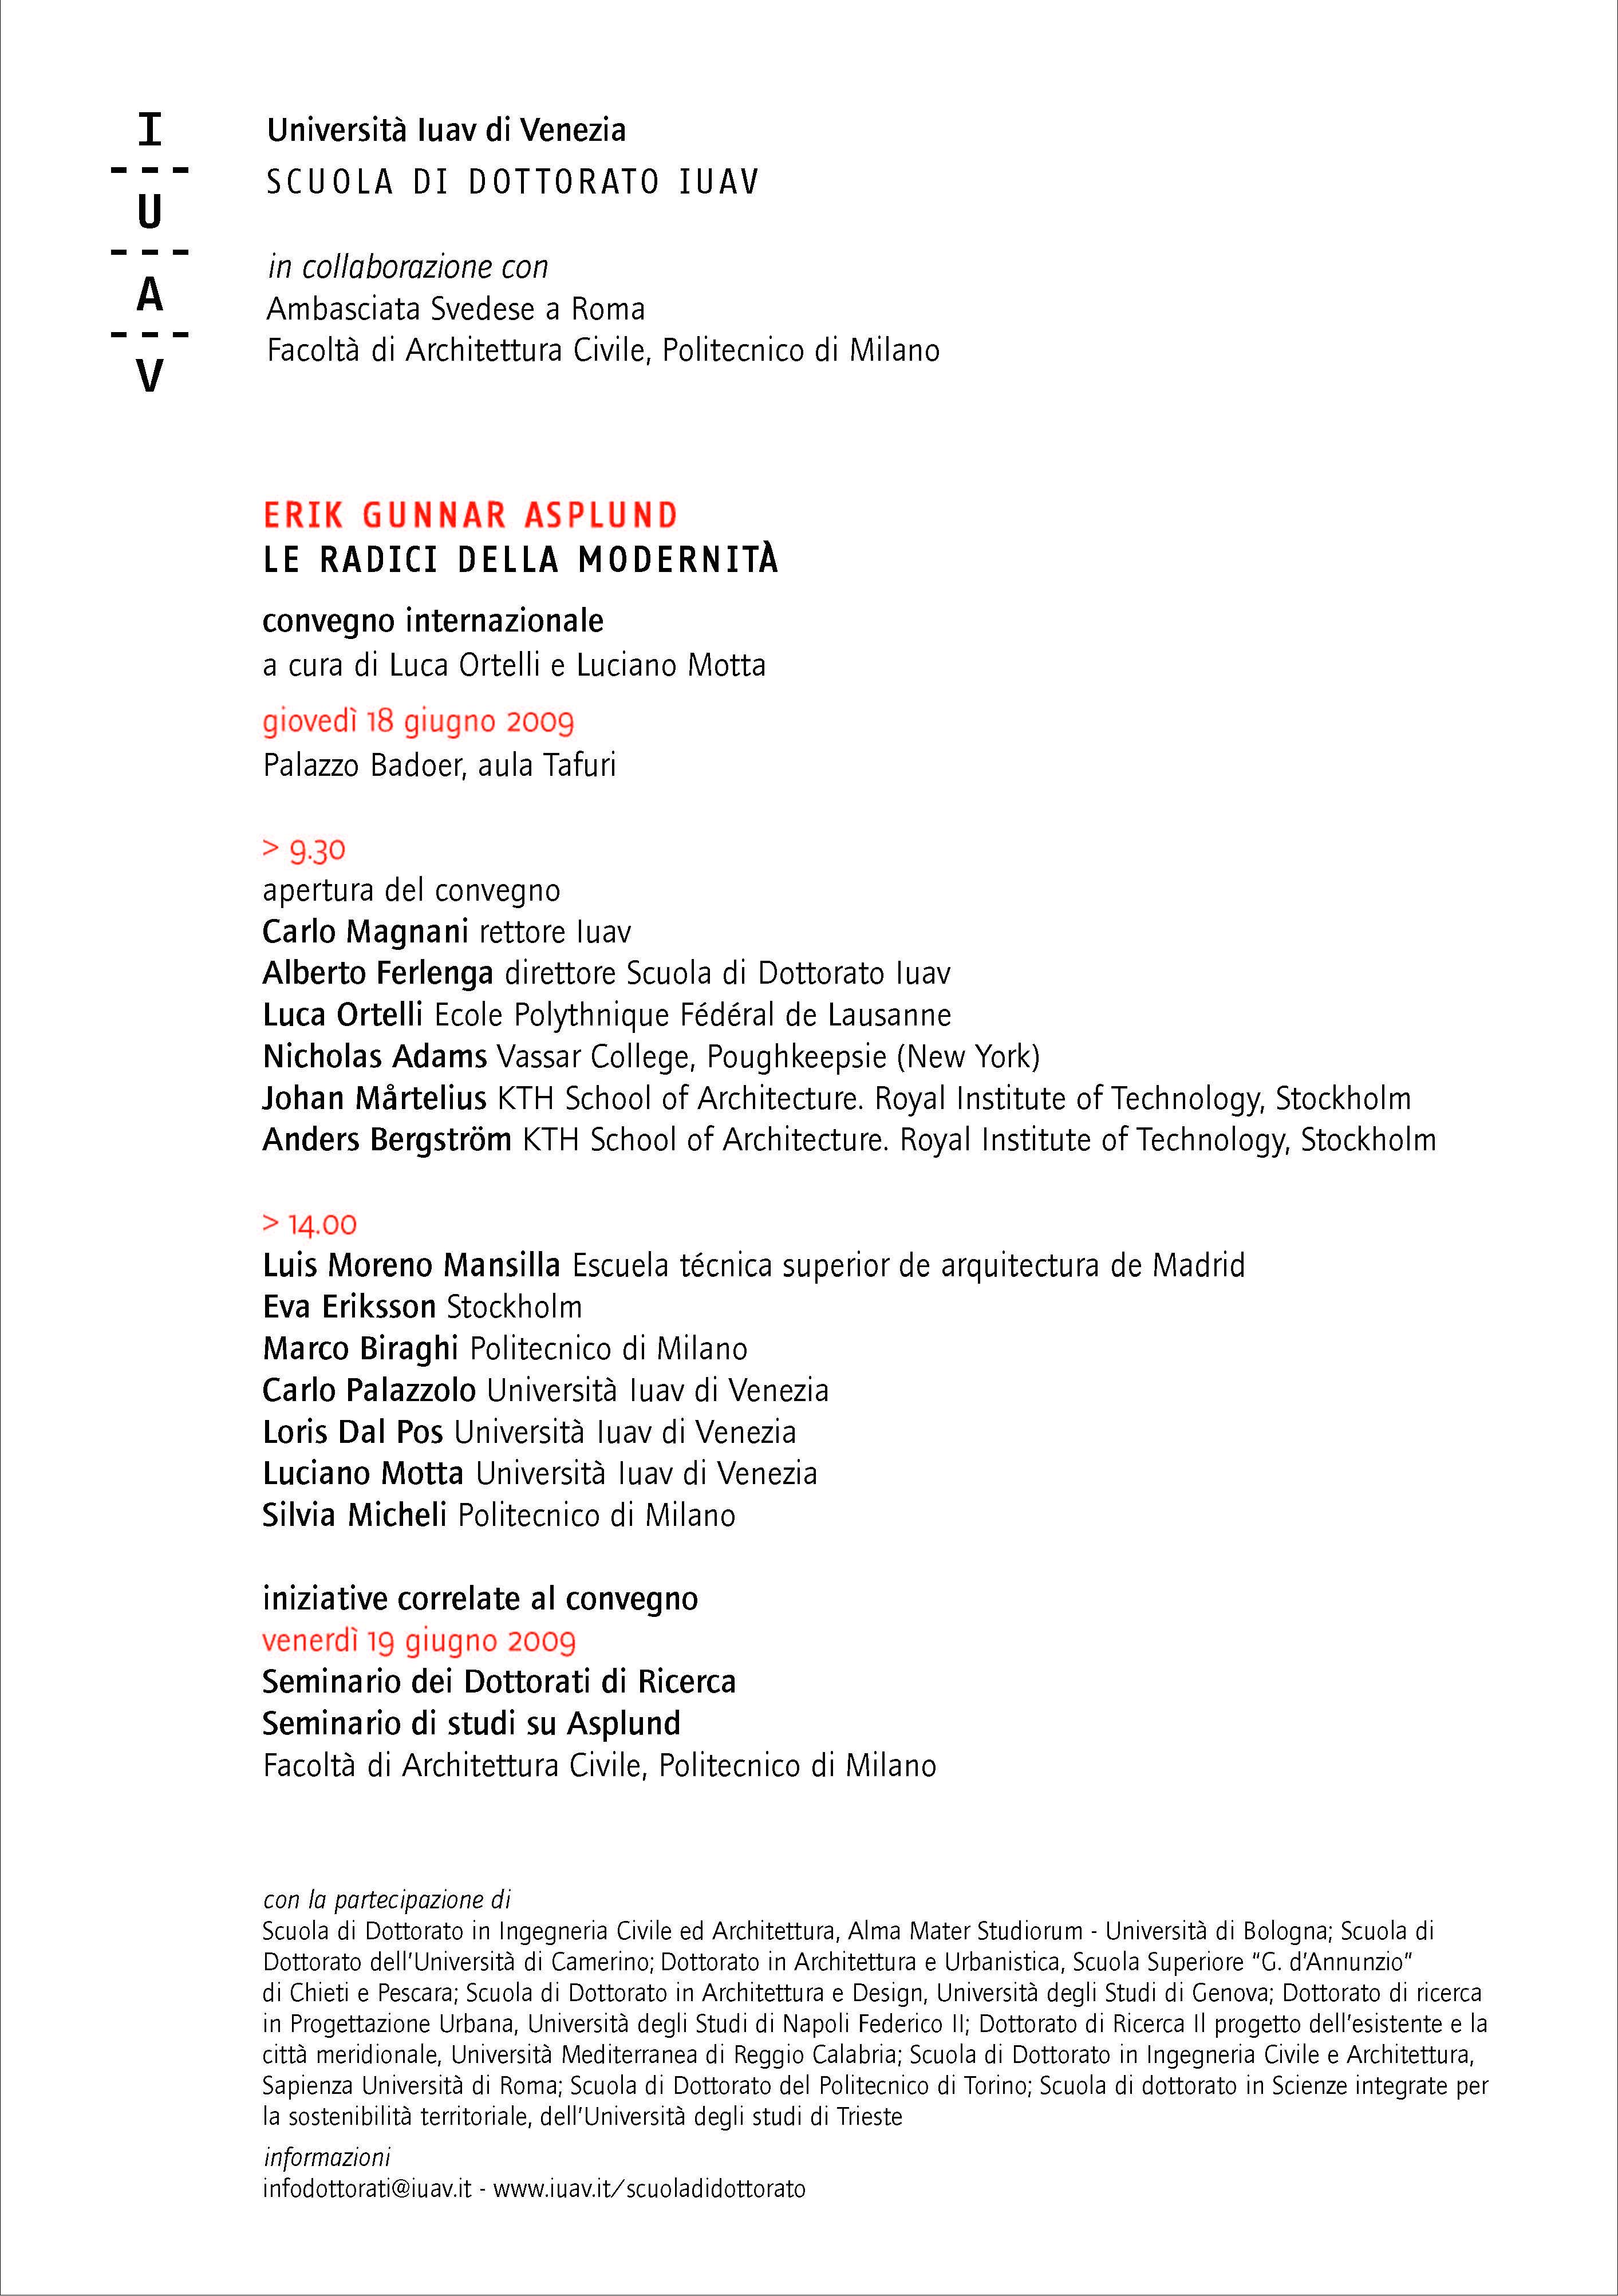 230_09_cartolina-Asplund_ult_Pagina_2.jpg